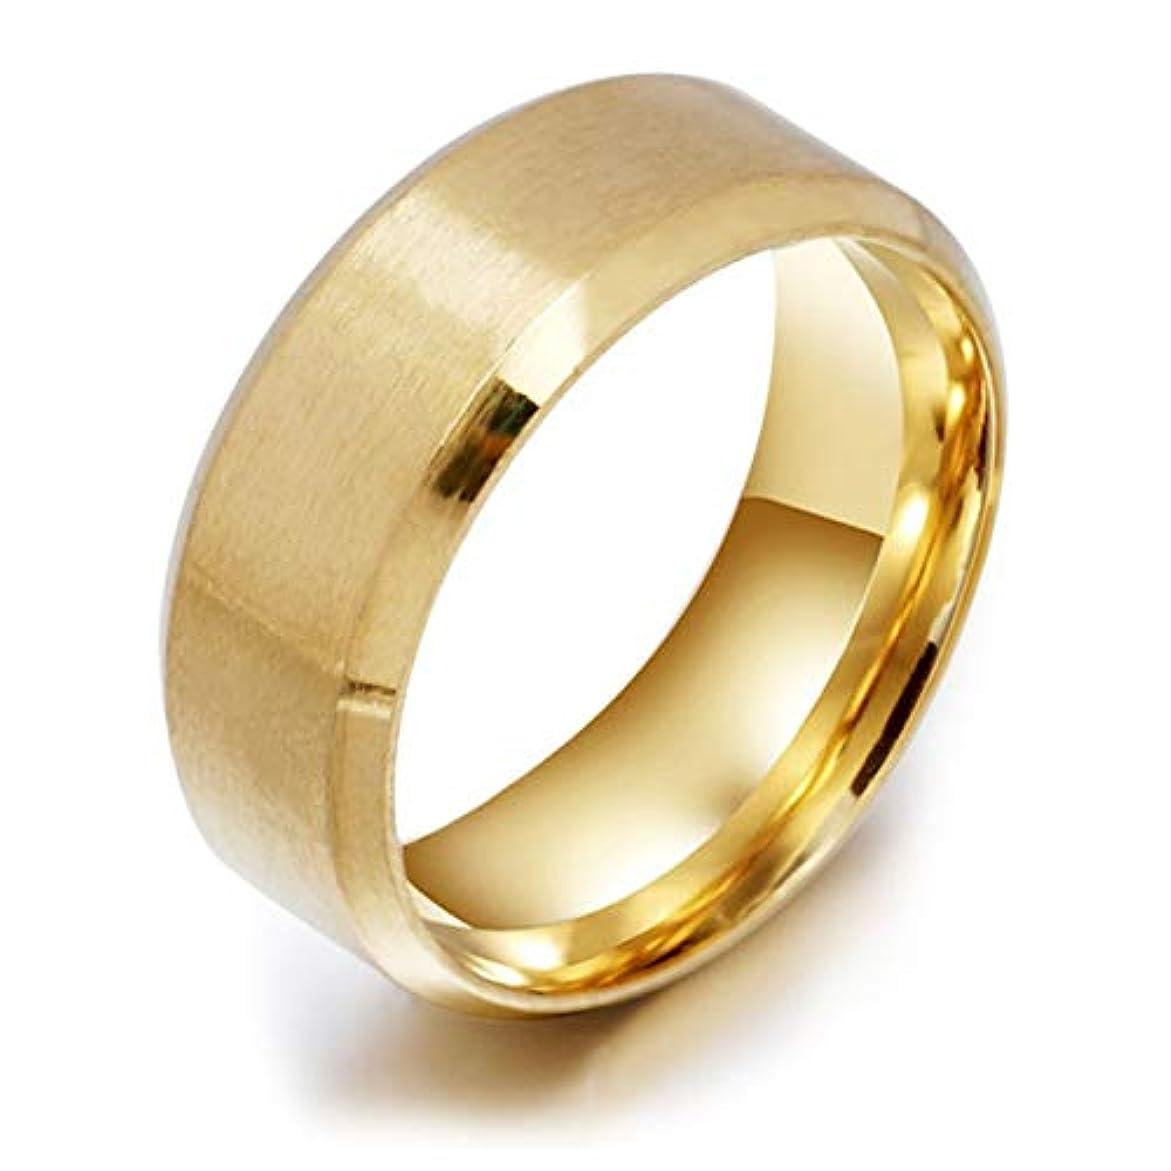 成分切り離す異形ステンレス鋼の医療指リング磁気減量リング男性のための高いポーランドのファッションジュエリー女性リング-ゴールド10